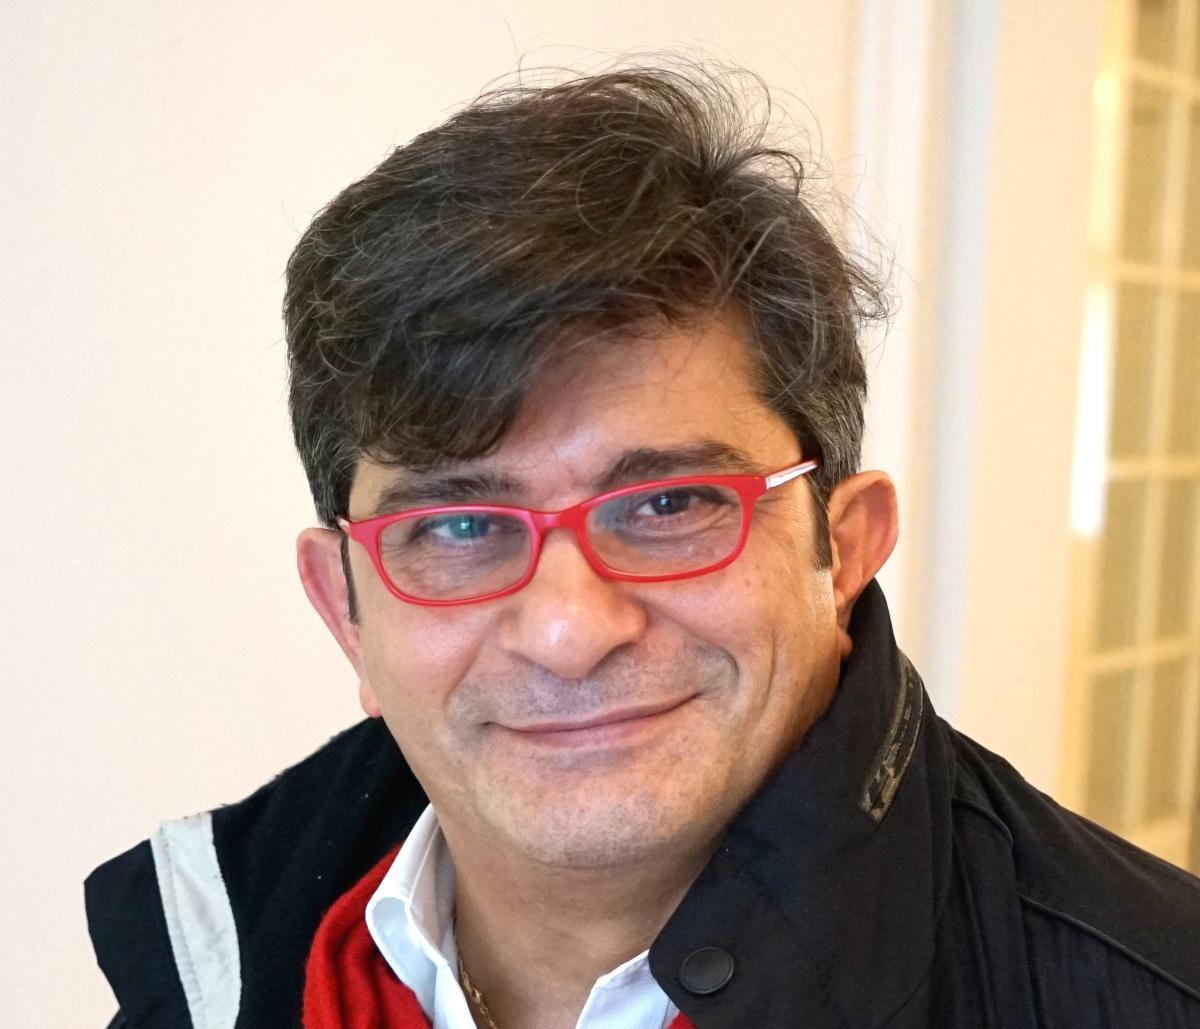 Marc Sabek